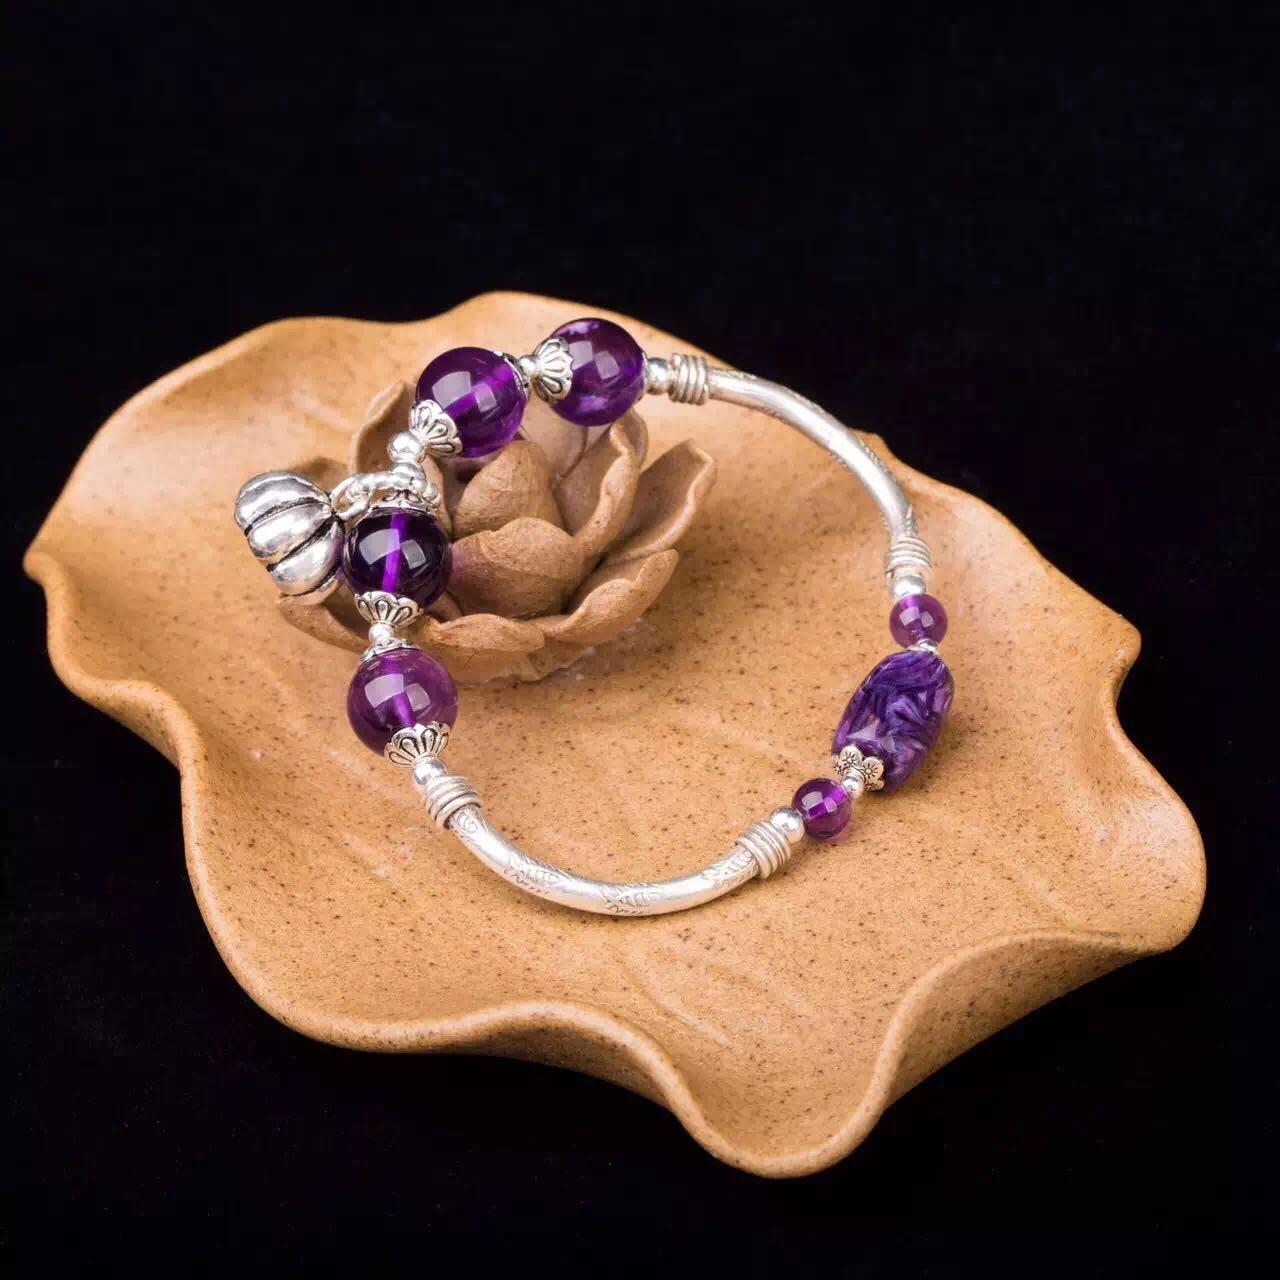 紫晶纯银手环